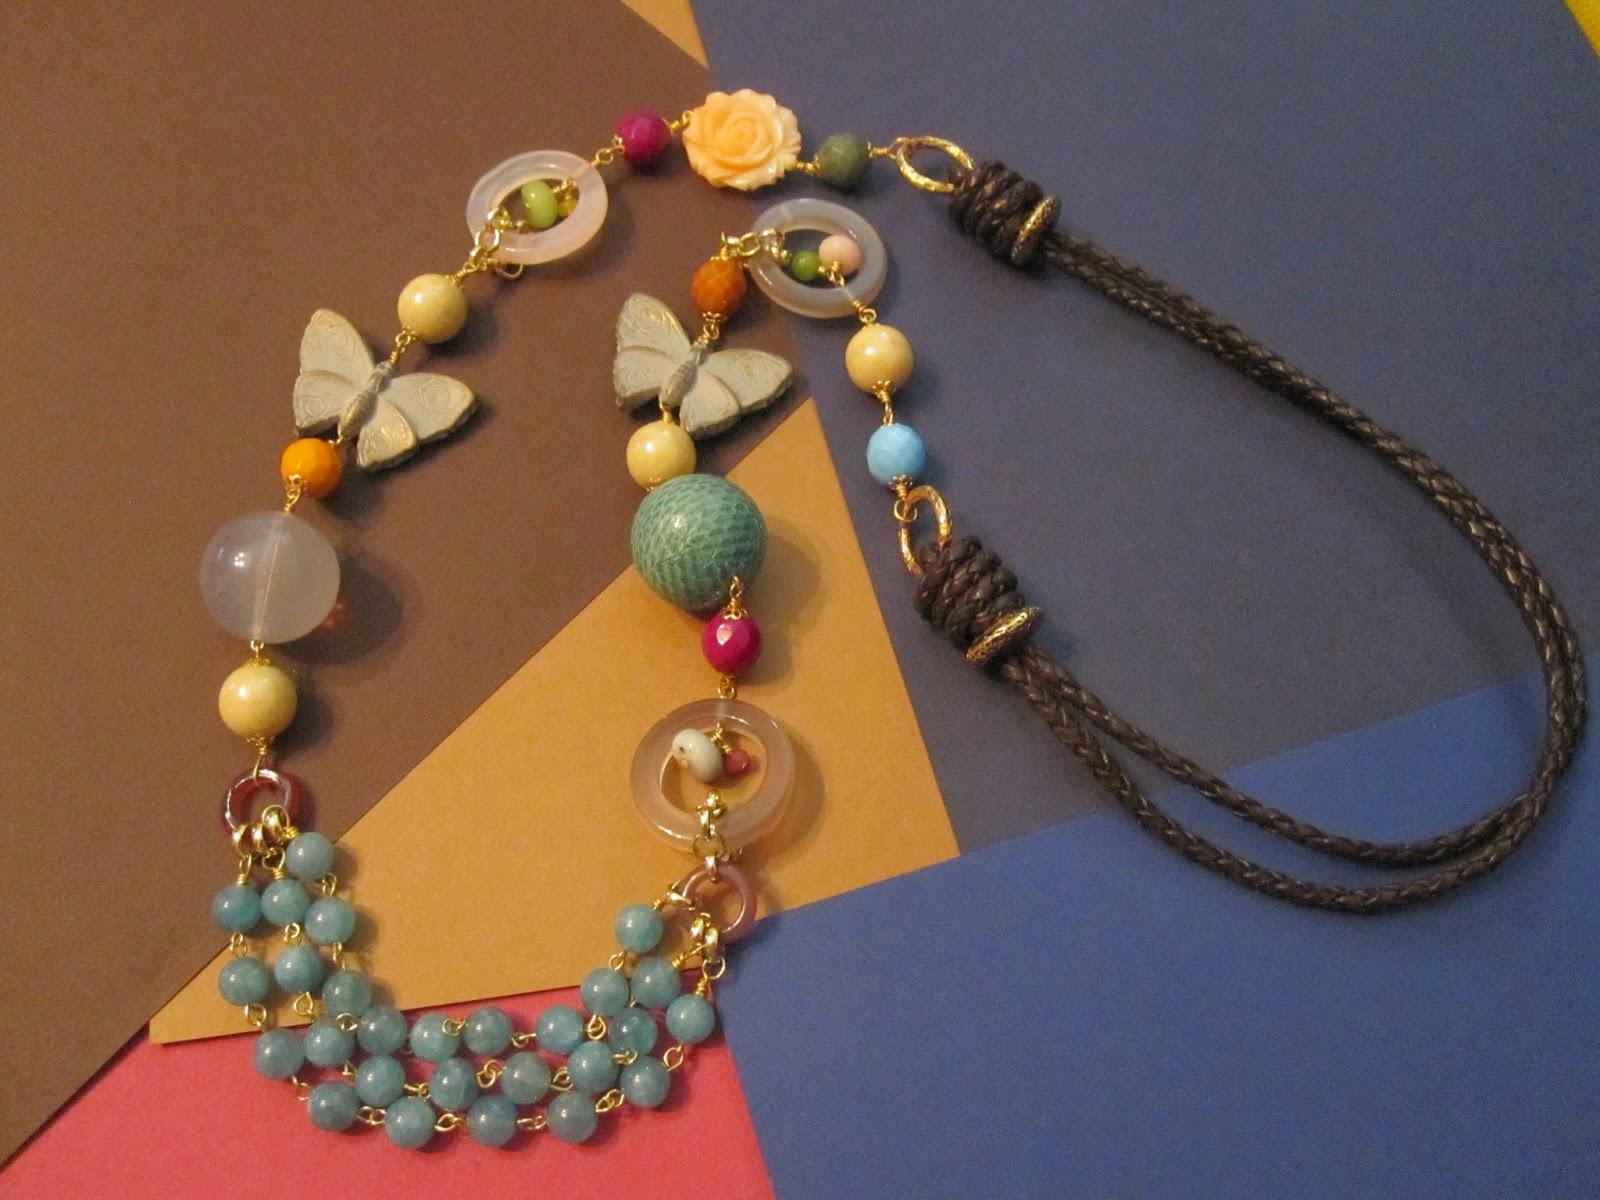 Collar largo en dorado con dos mariposas de madera pintadas, una rosa de  resina, 3 aros de piedra en gris y rosa, cuentas perladas y facetadas de  colores